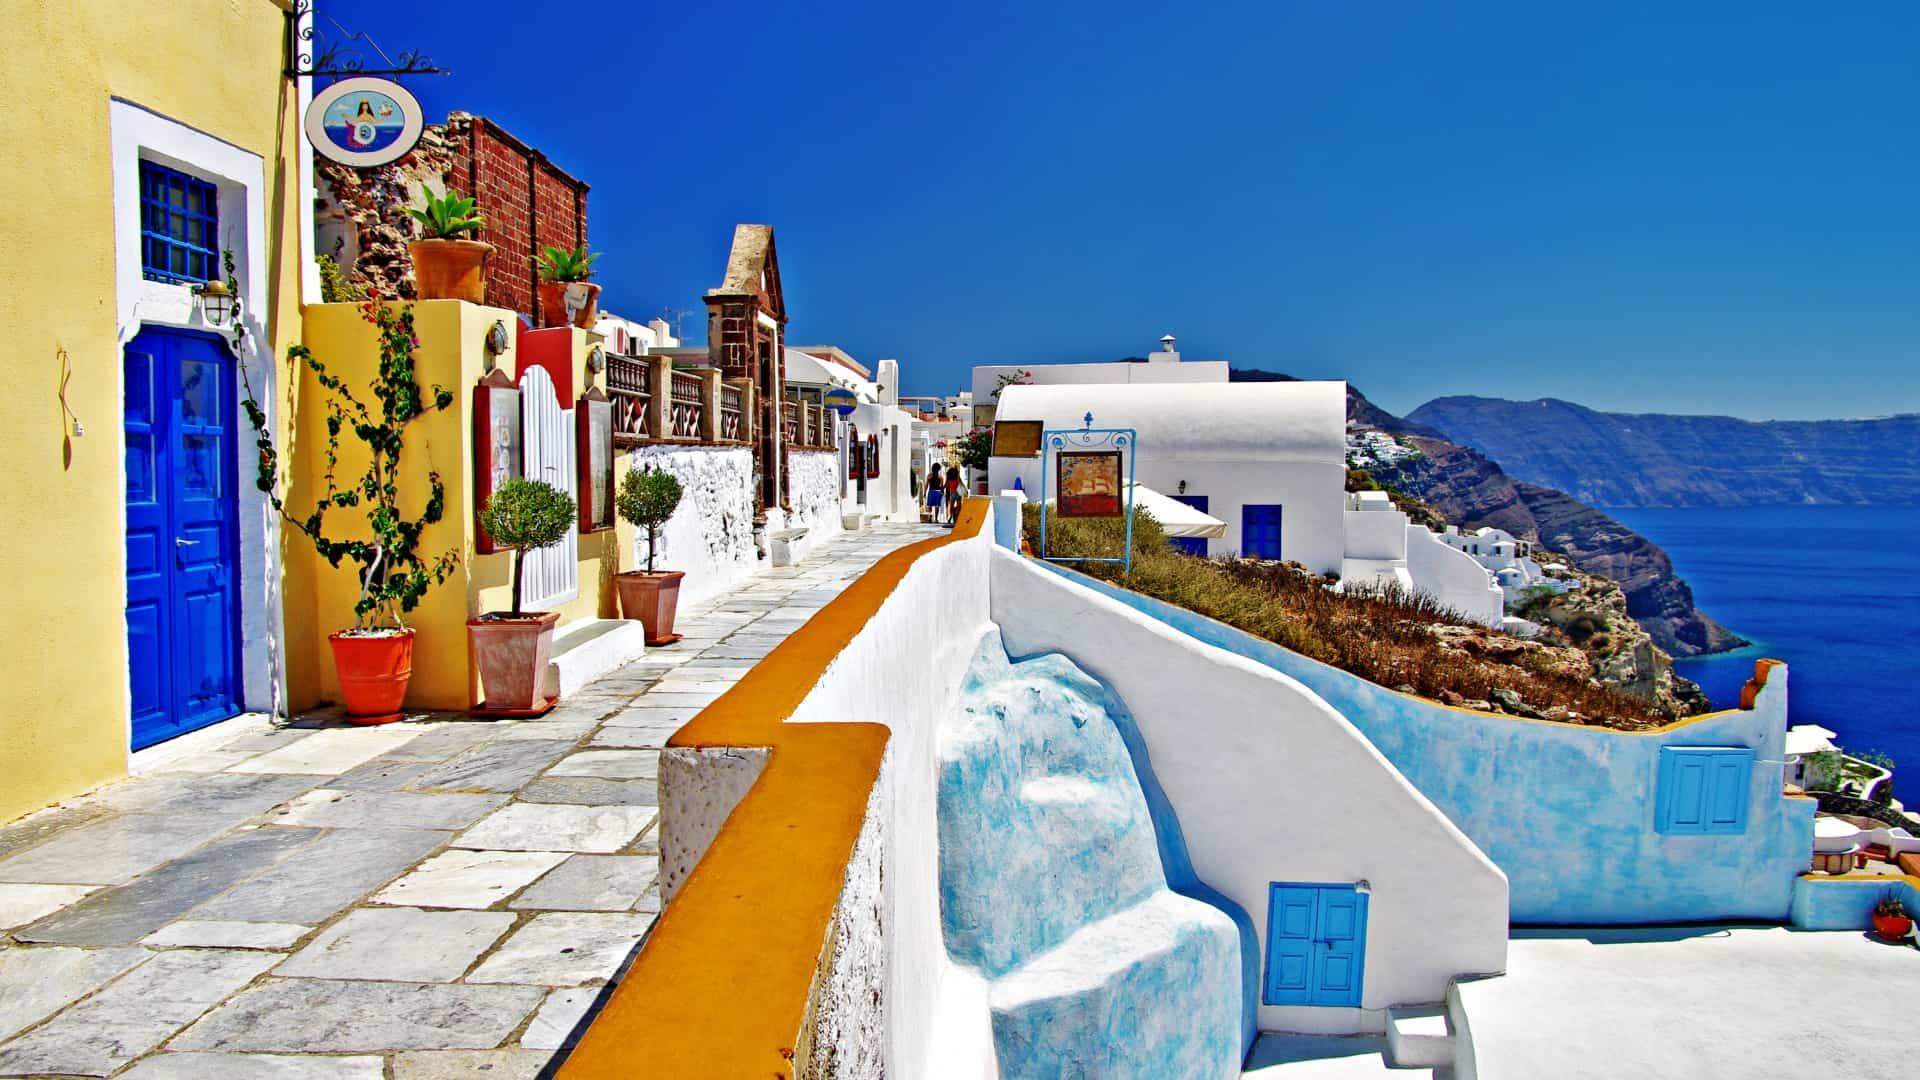 Спланируйте идеальный отдых в Греции: советы туристам